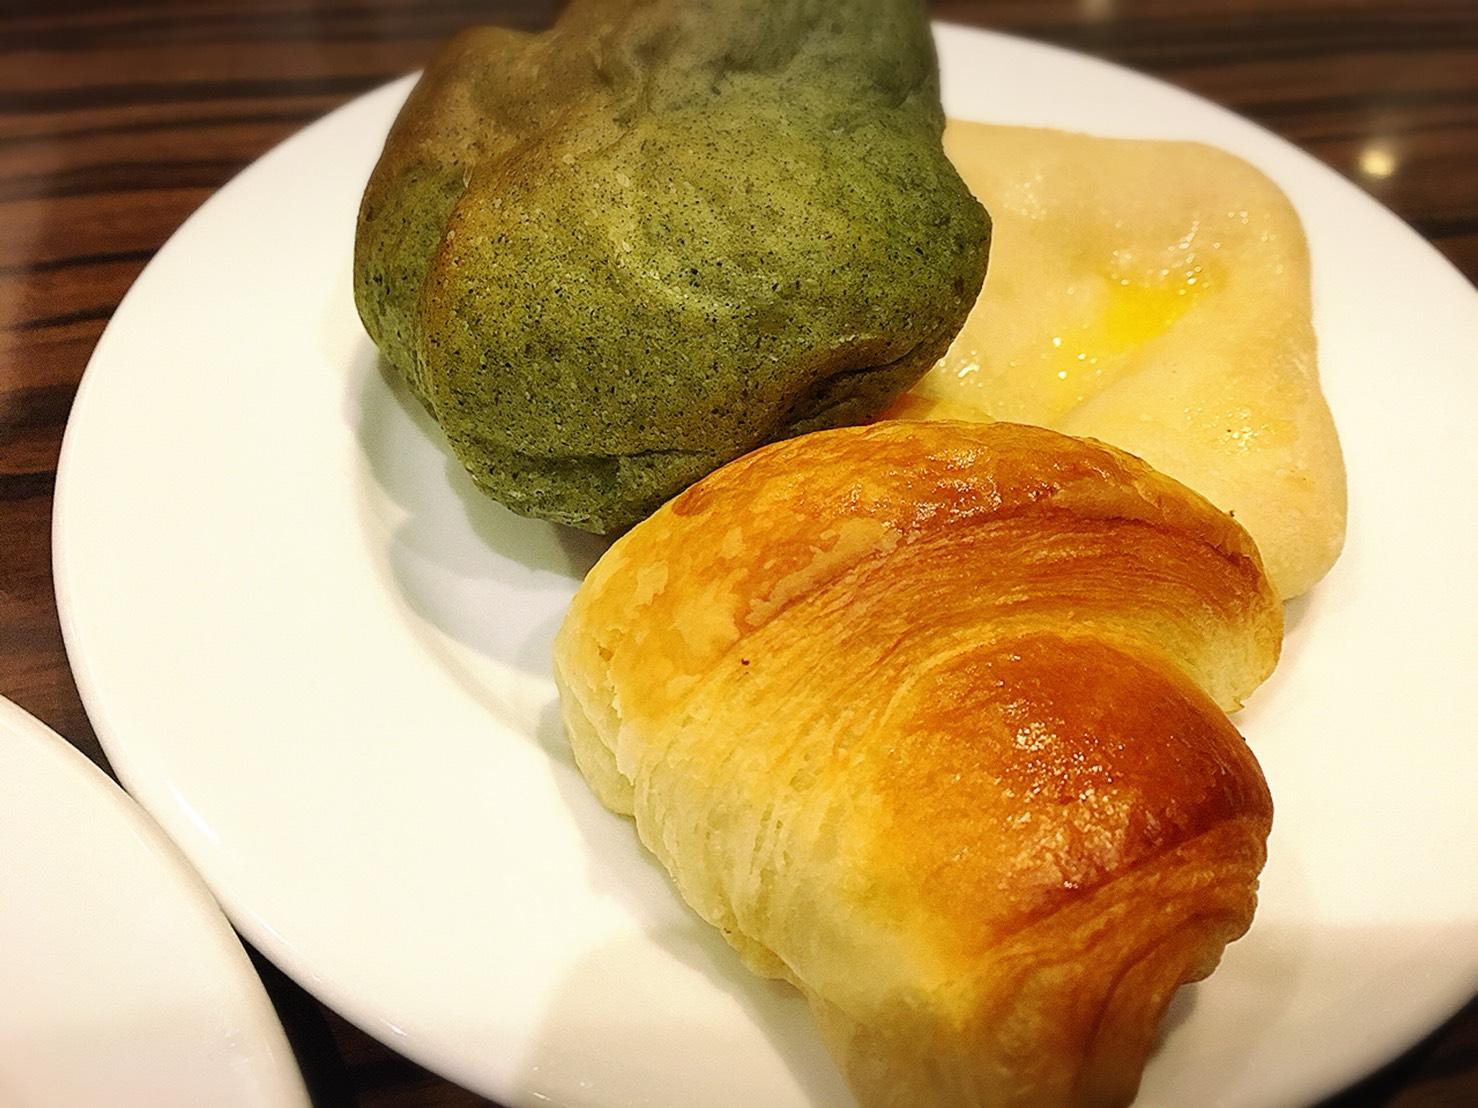 【池袋駅】自家製パン食べ放題とグリルで満腹「ビストロ309」のパン食べ放題3